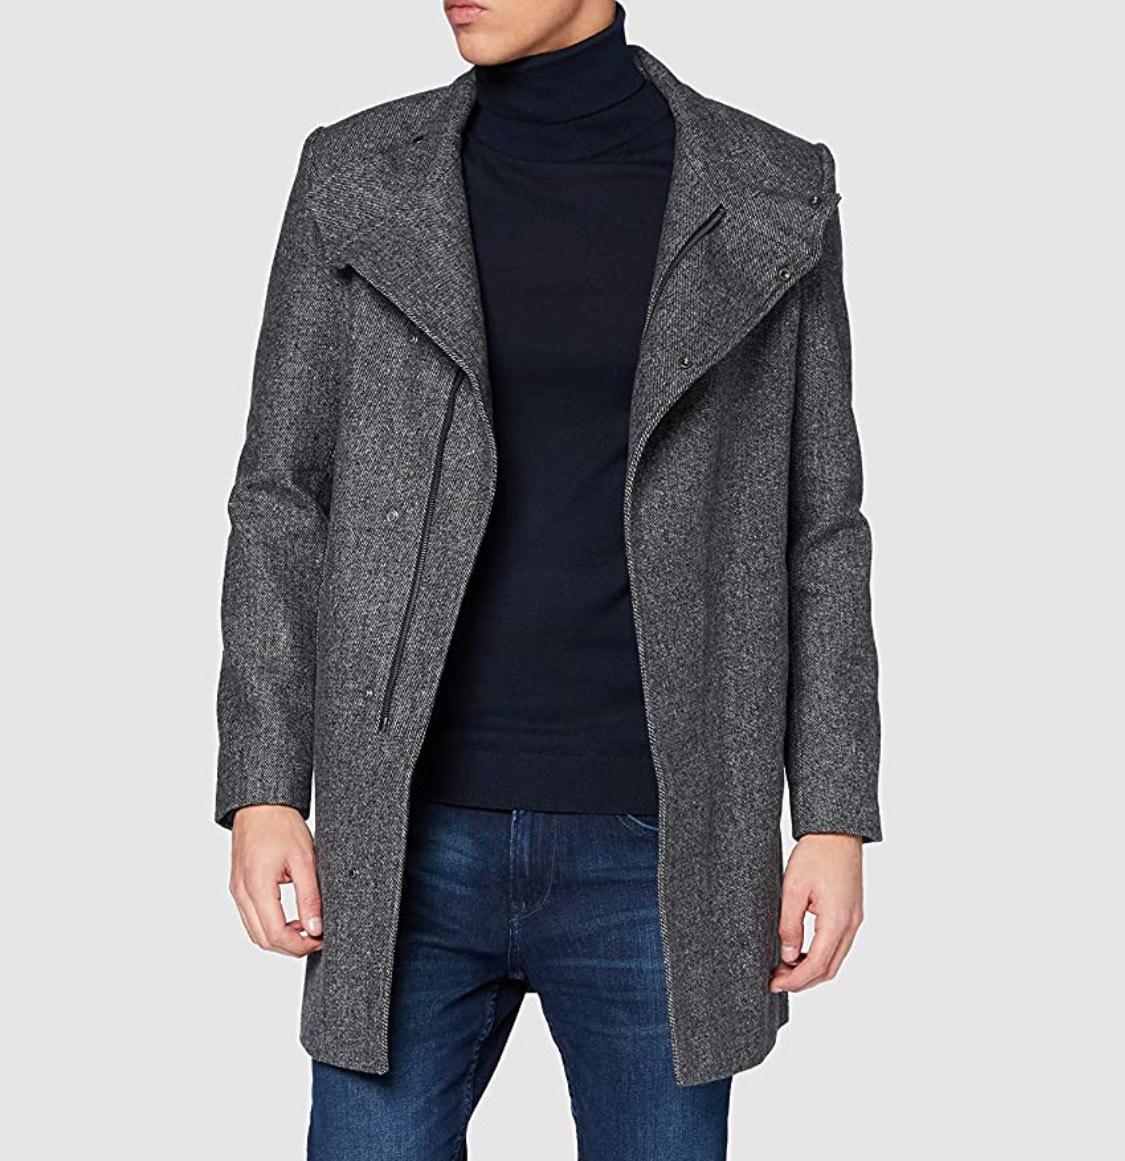 Abrigo actual gris oscuro TOM TAILOR hombre talla XL.